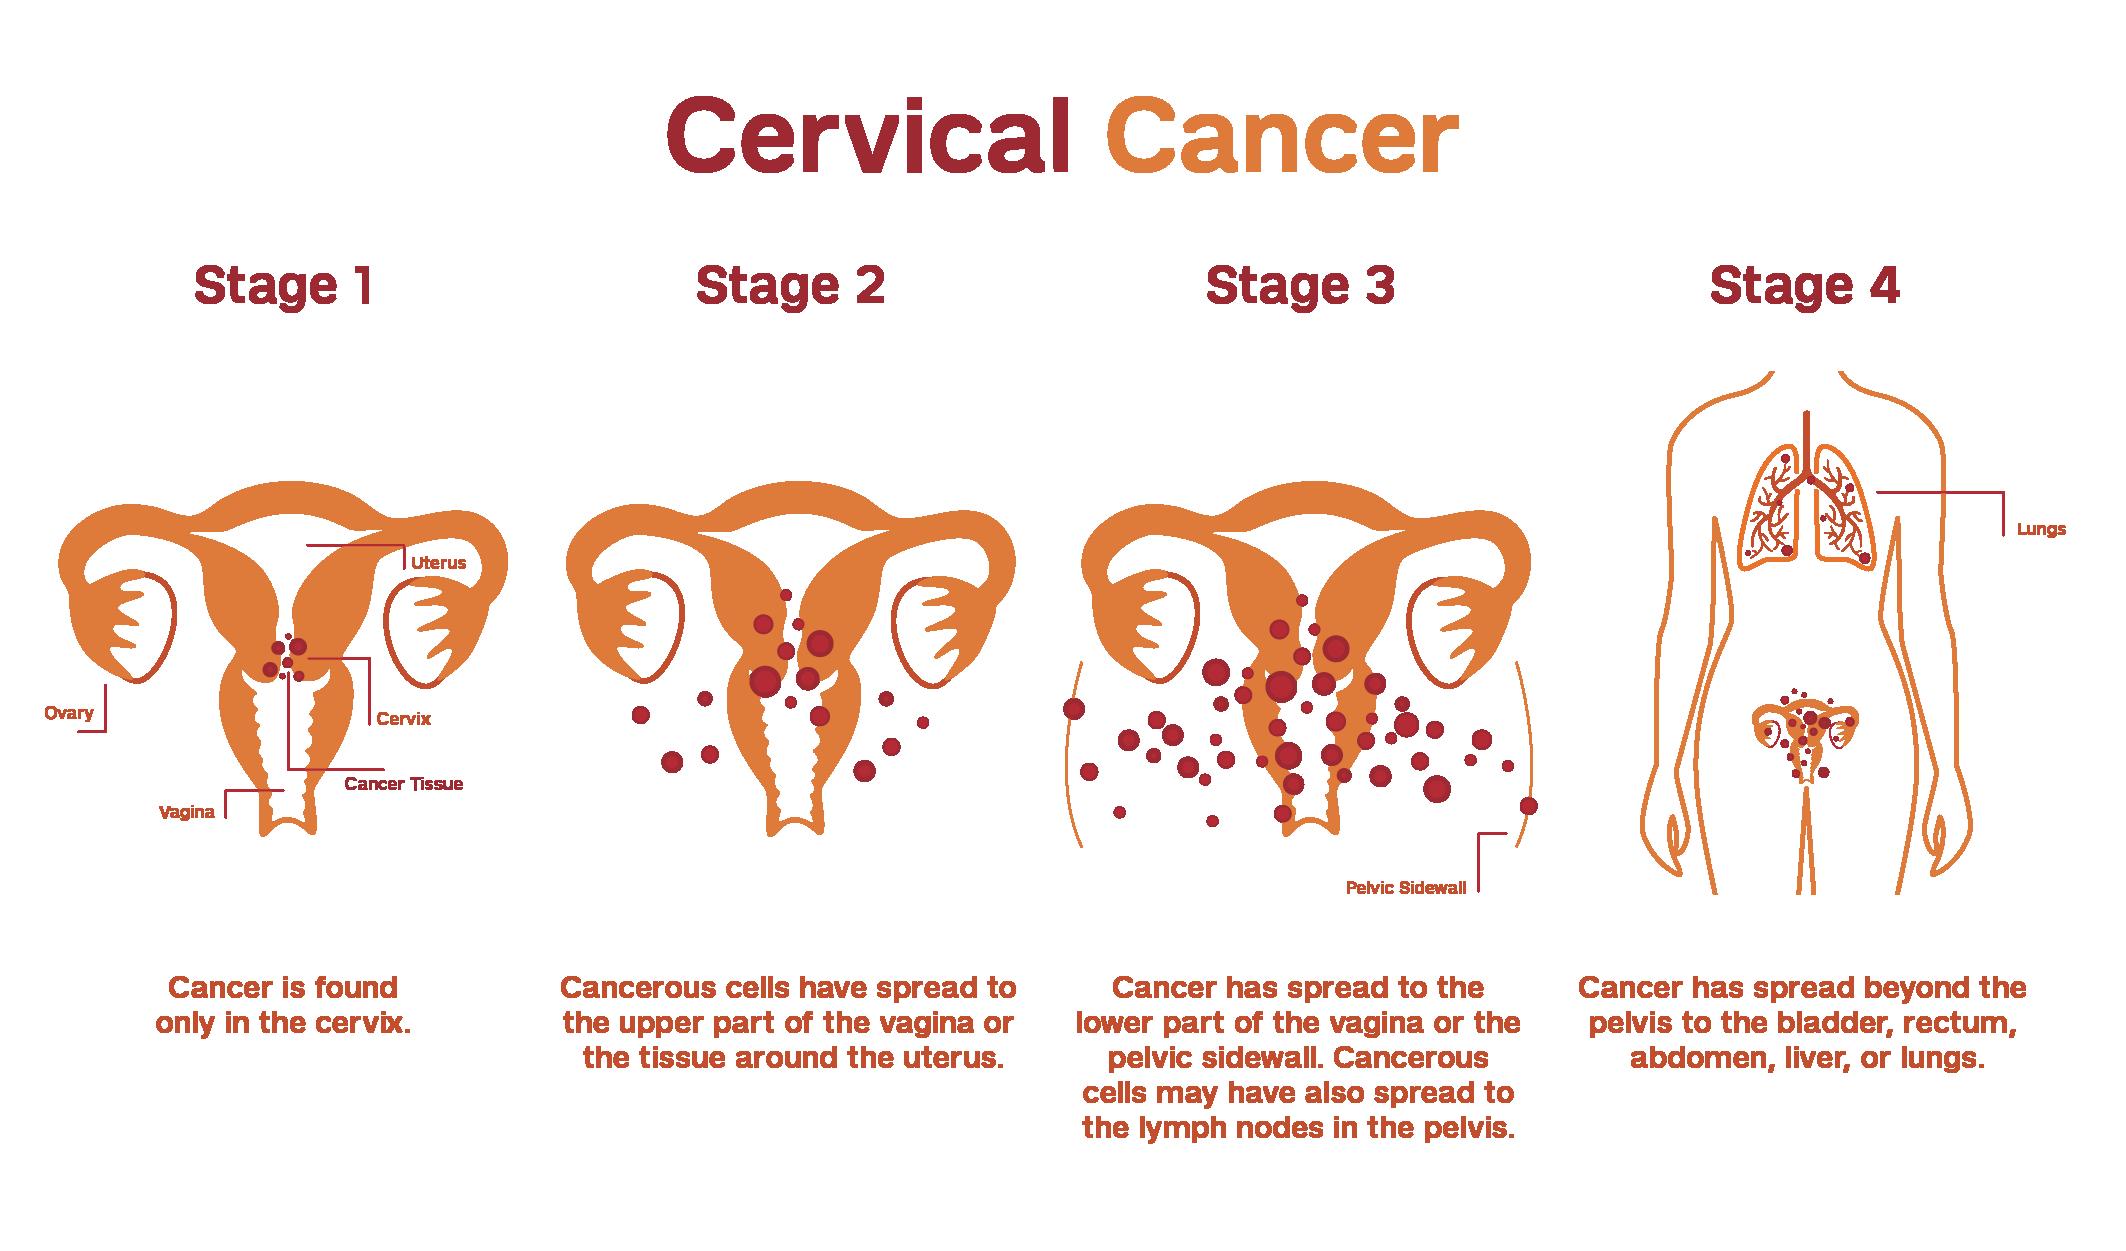 Illustration explaining the staging of cervical cancer